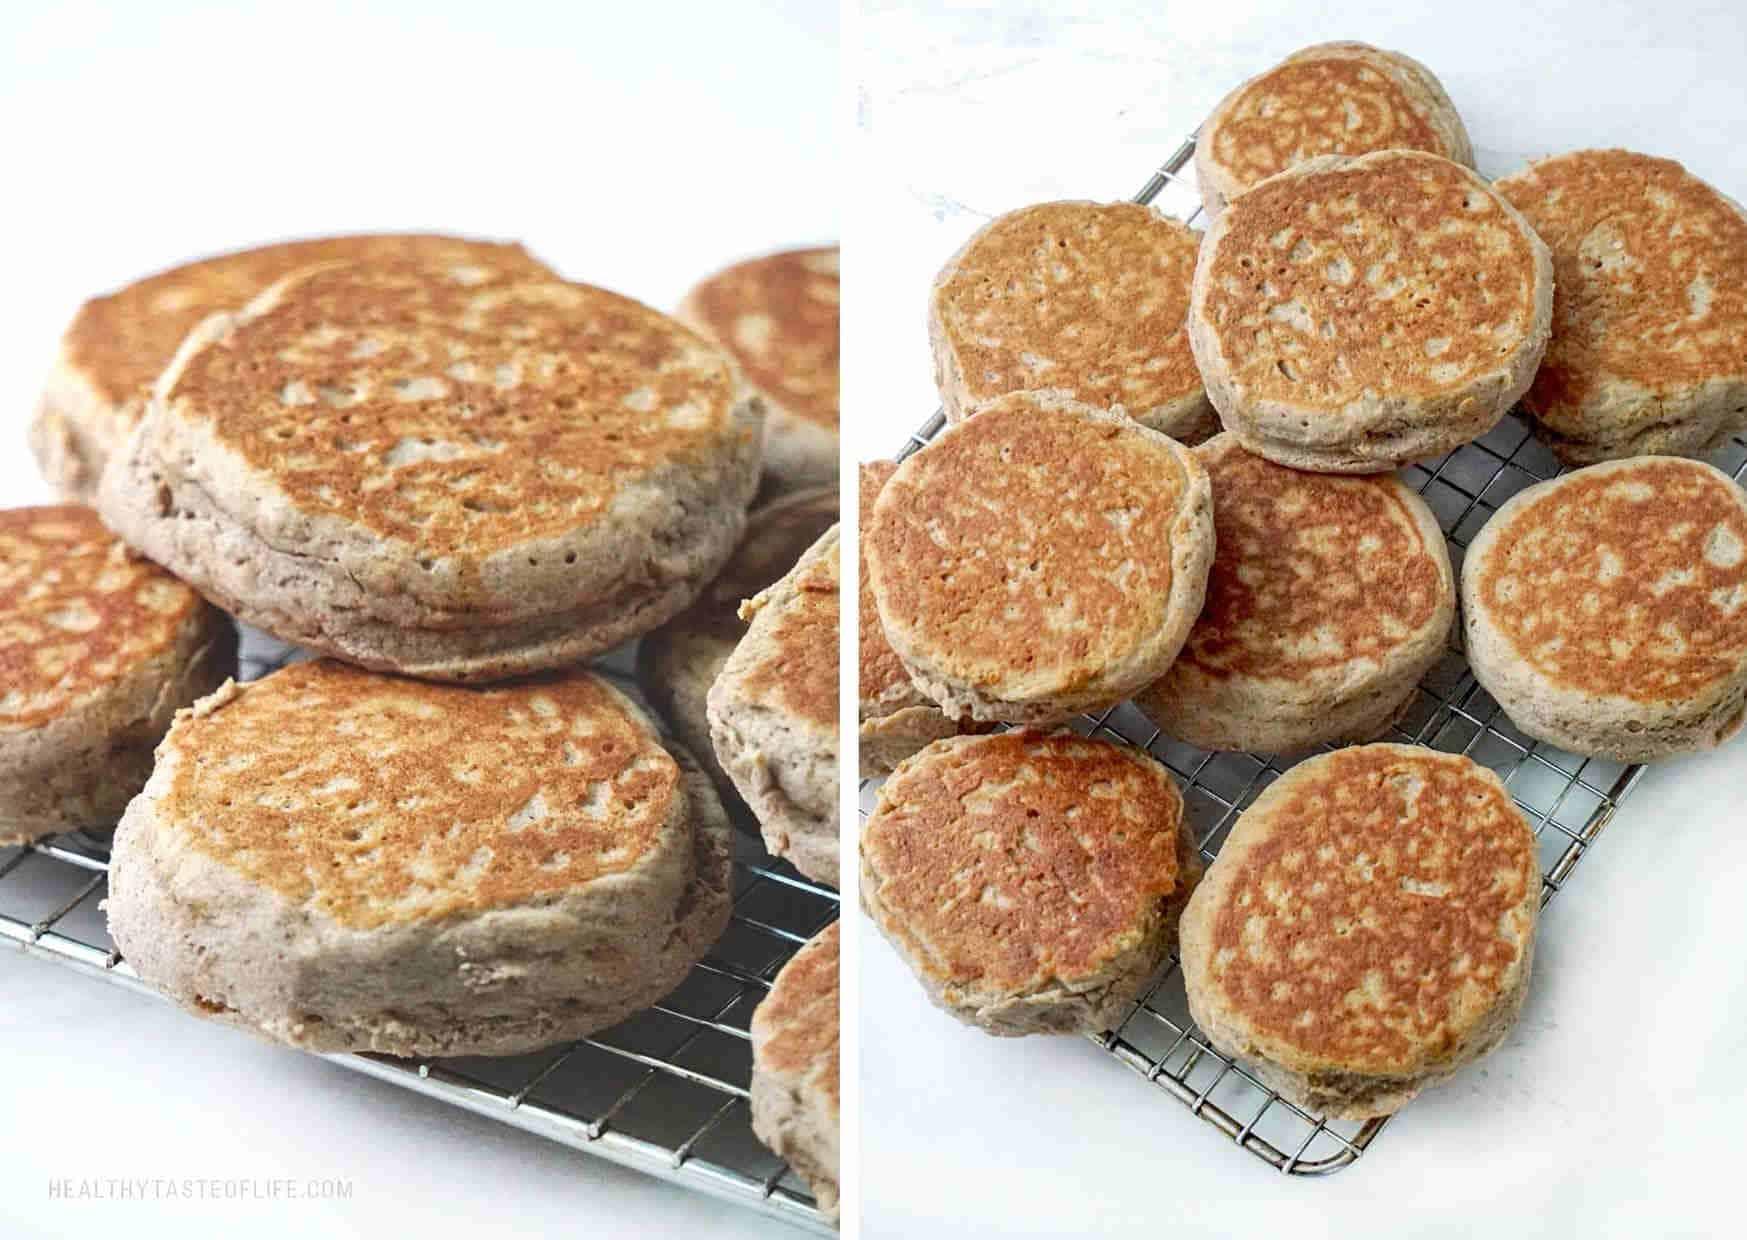 Whole grain gluten free English muffins (buckwheat, sorghum flour)